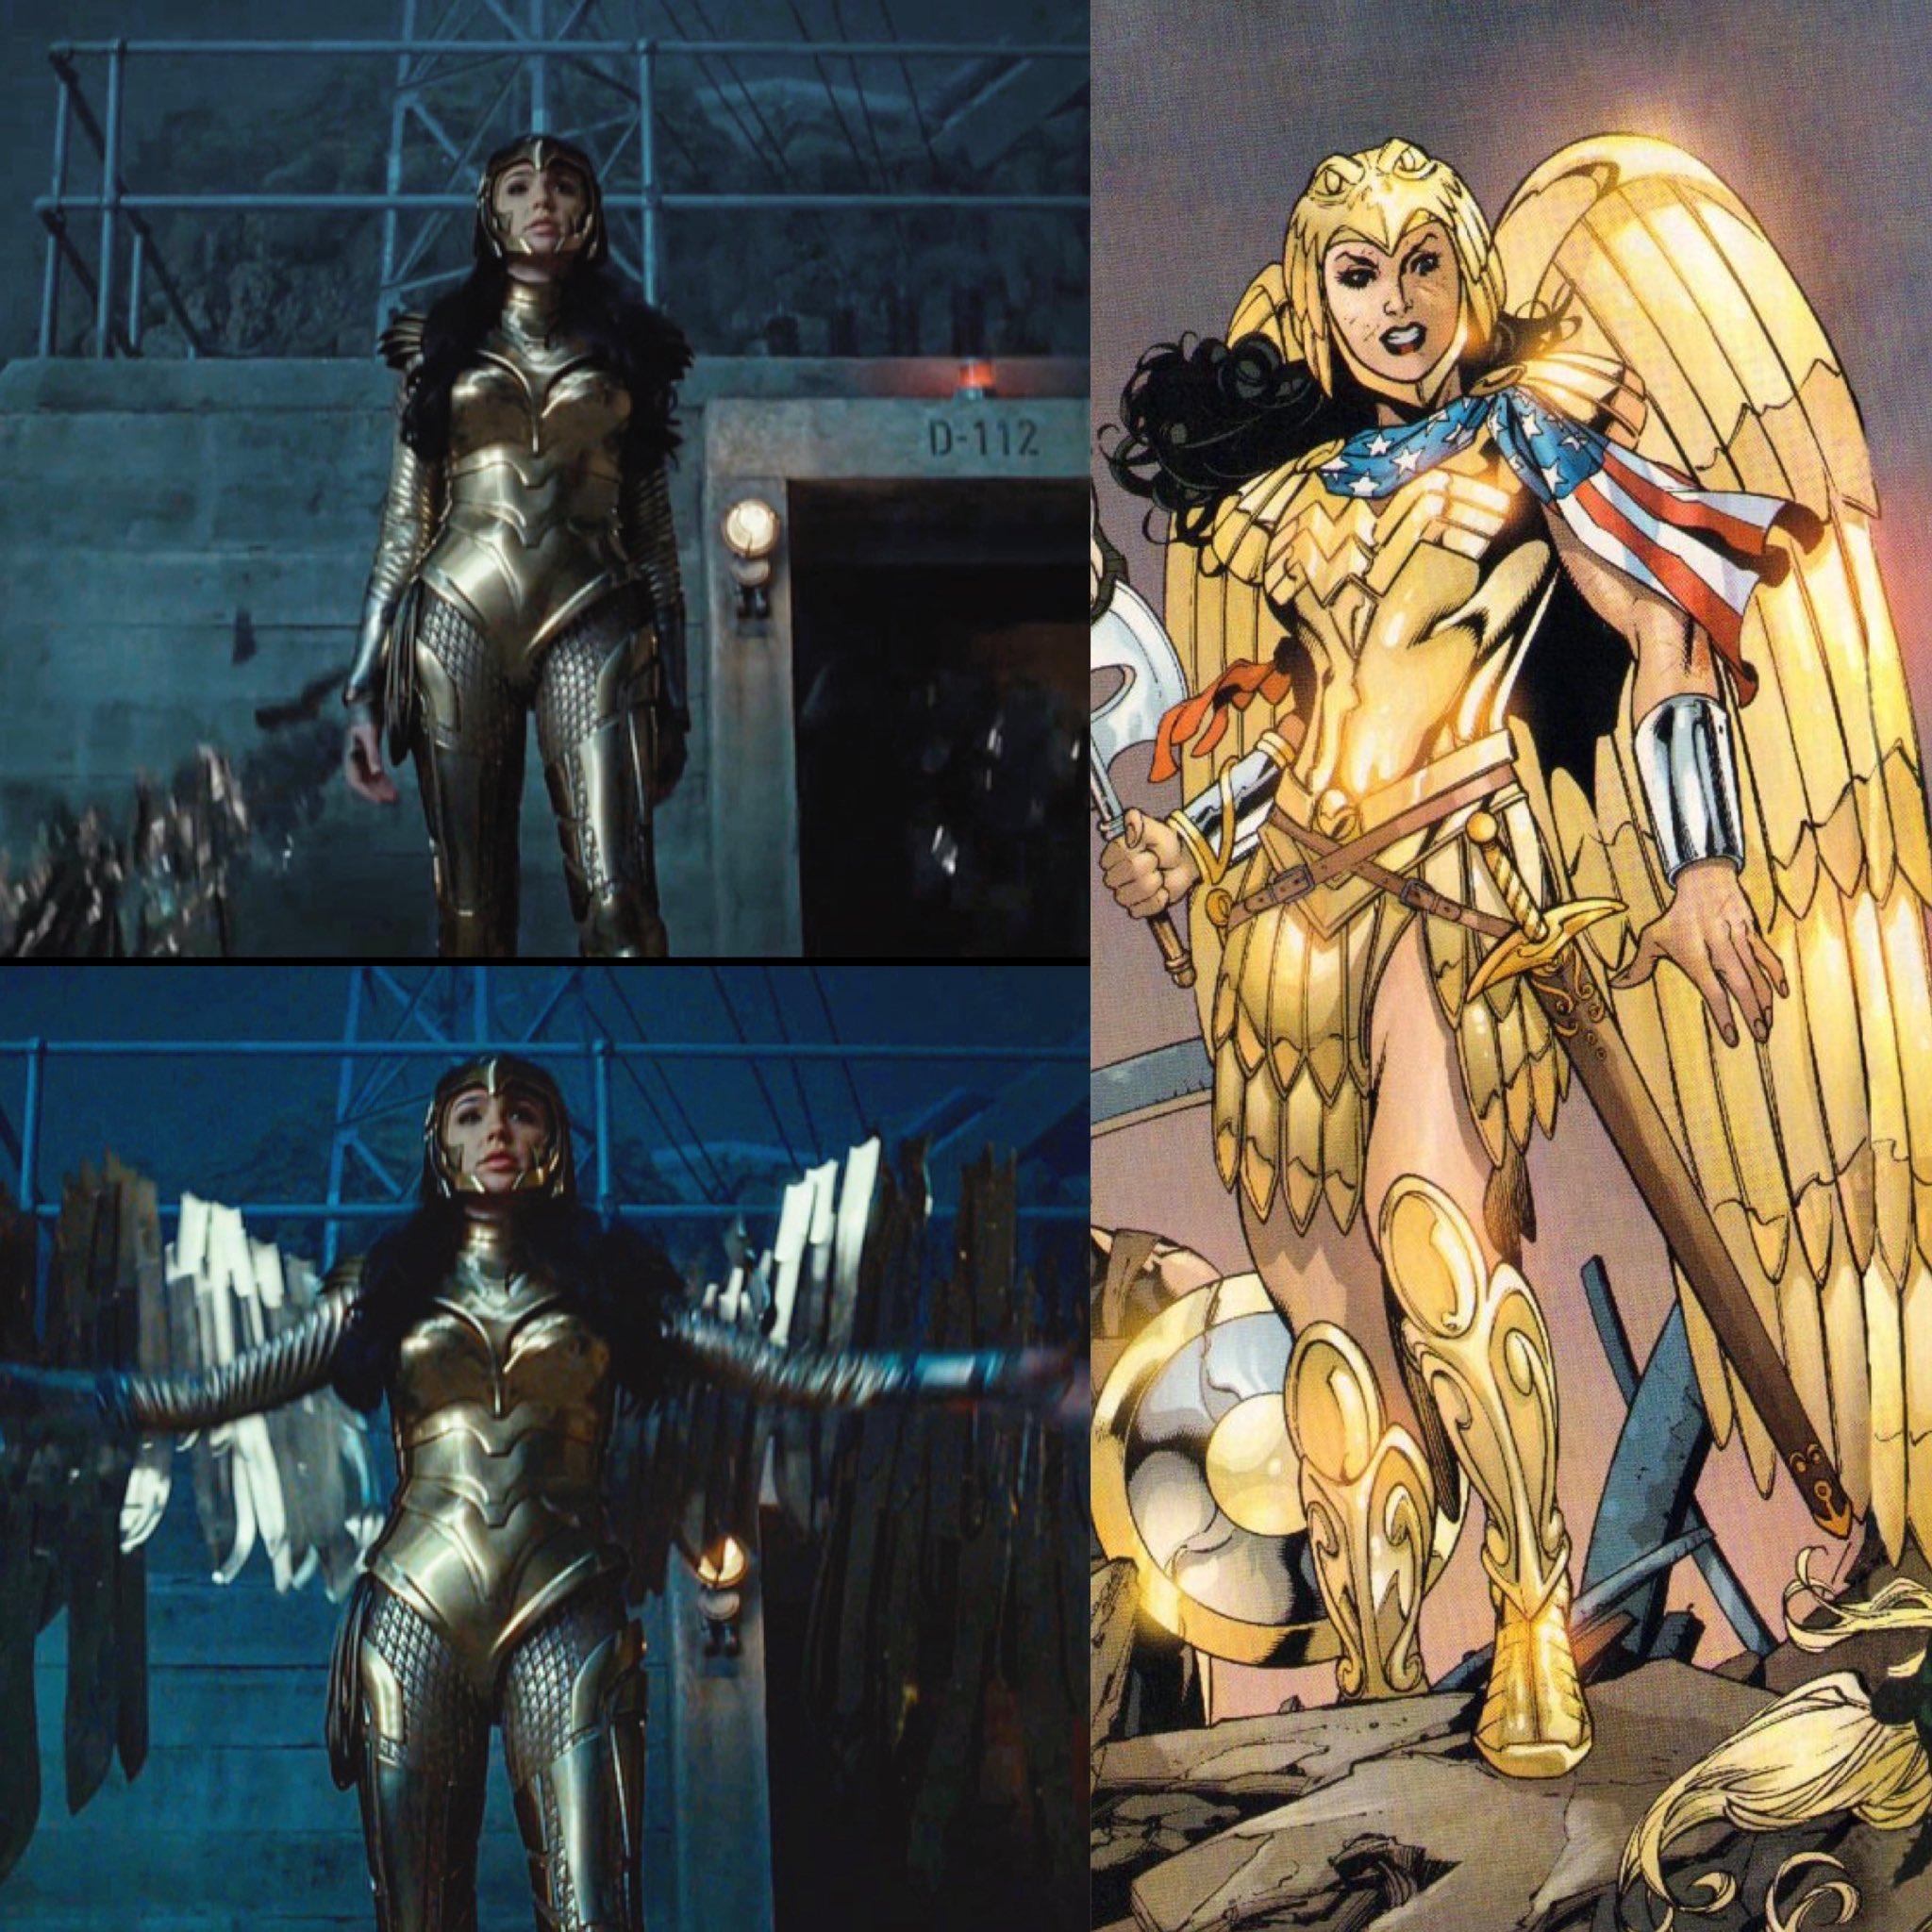 Wonder Woman 1984: ¿Qué vimos en el tráiler?